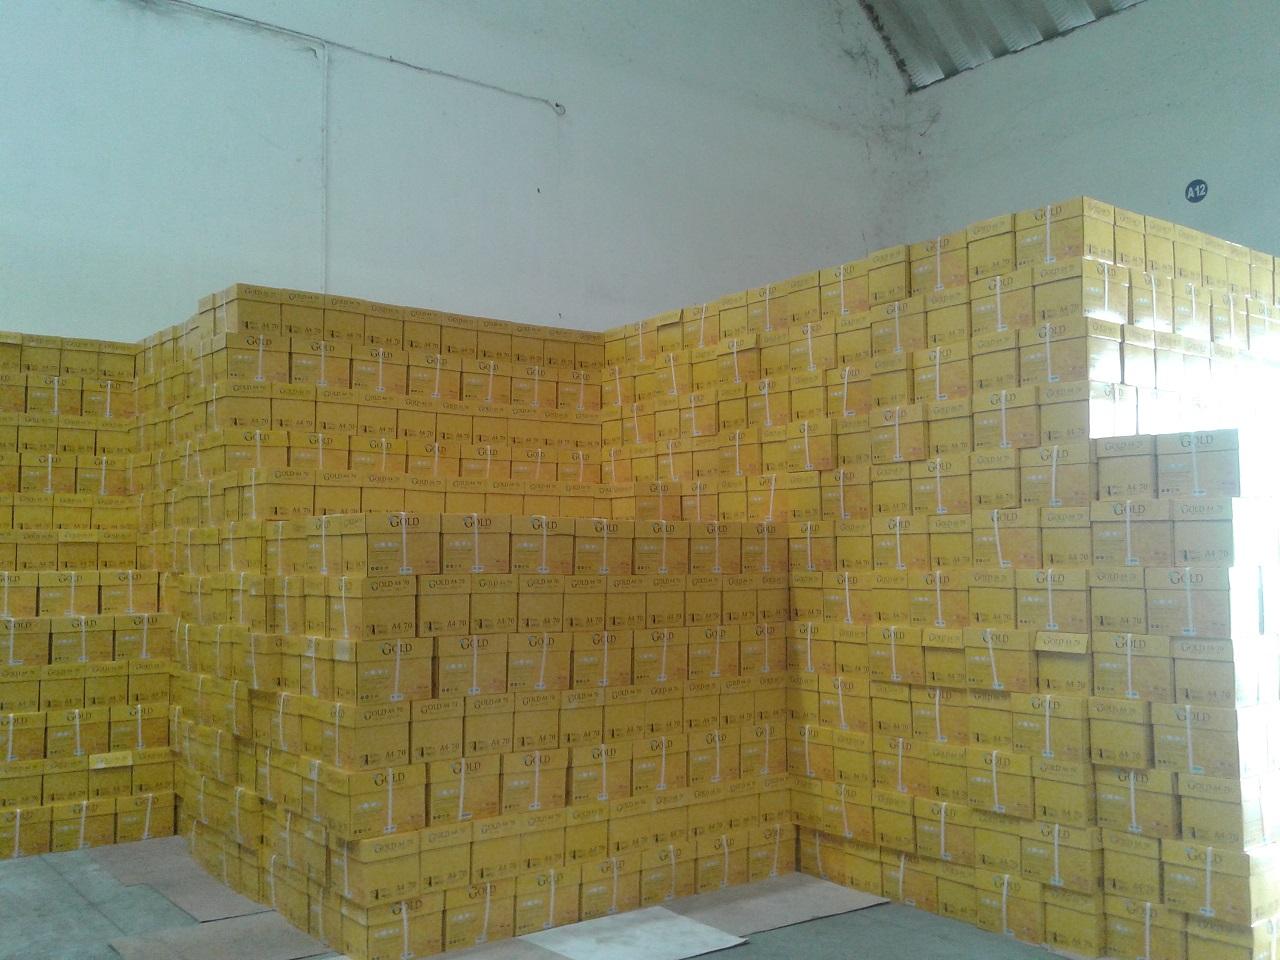 Olymic Warehouse Image 2